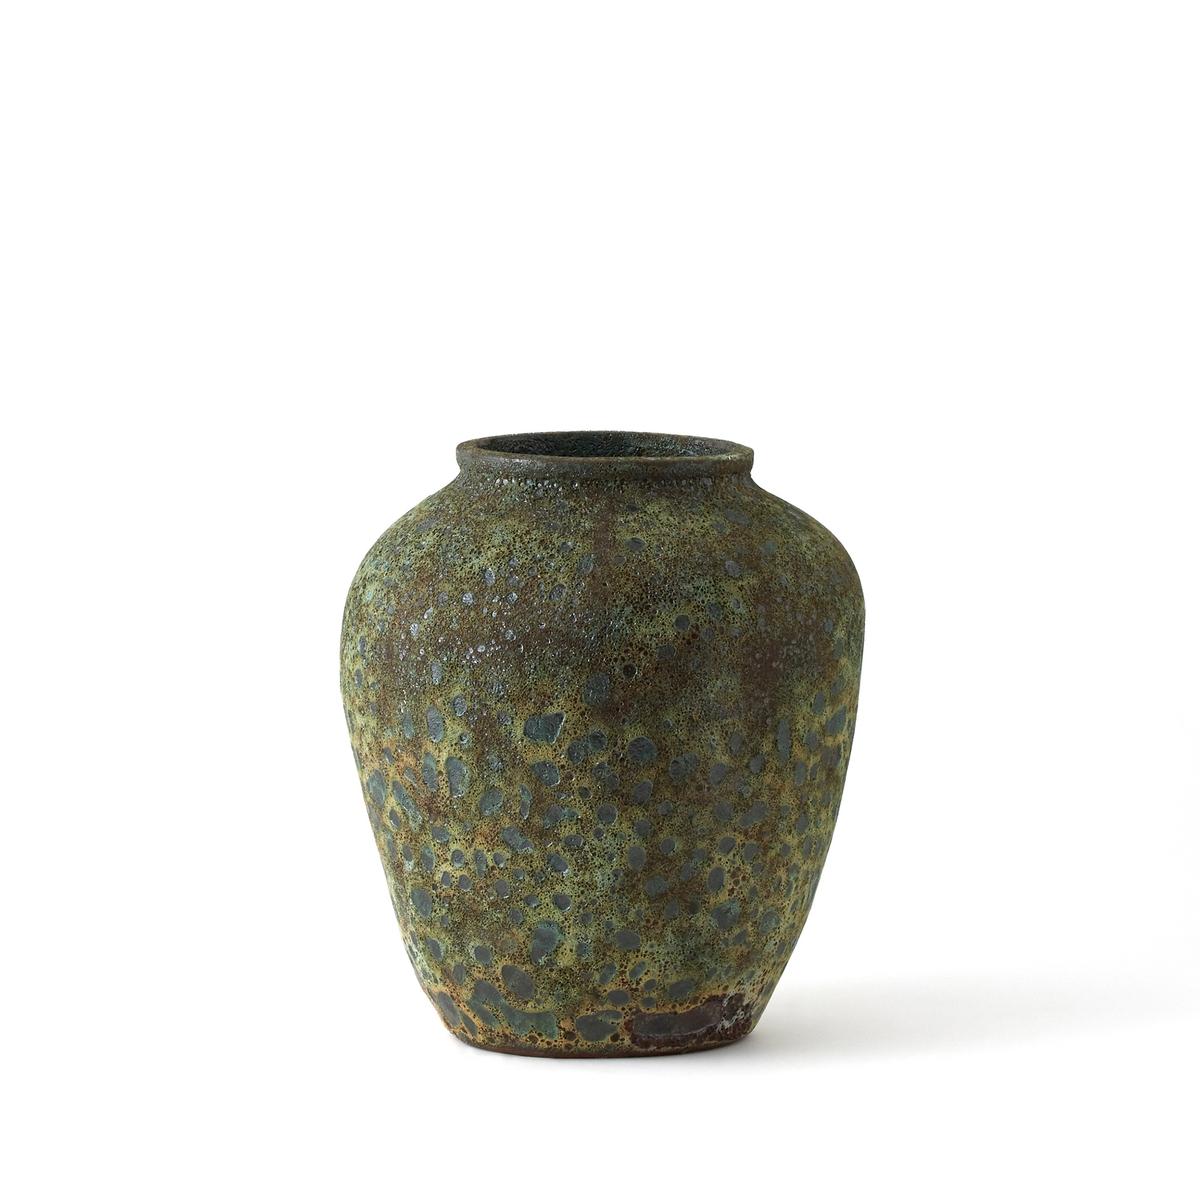 Ваза керамическая ?35 x В40 см, KesenerВаза Kesener. Из керамики с эффектом реагента. Размер : ?35 x В40 см, вес 15,5 кг.<br><br>Цвет: зеленый